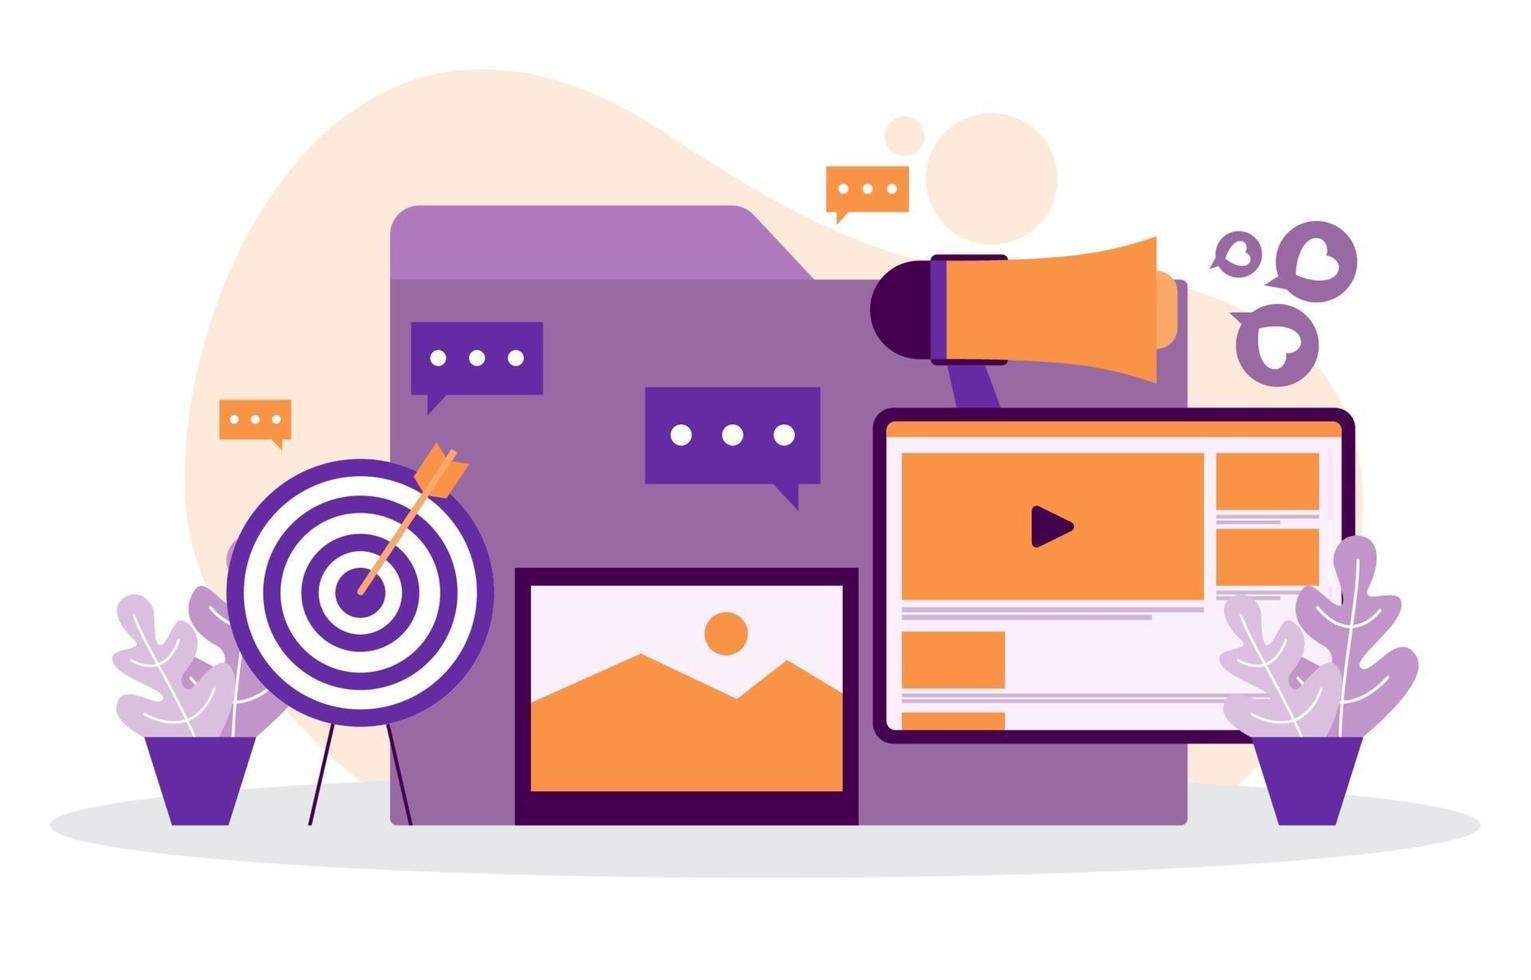 gráficos e análises de marketing digital no computador vetor